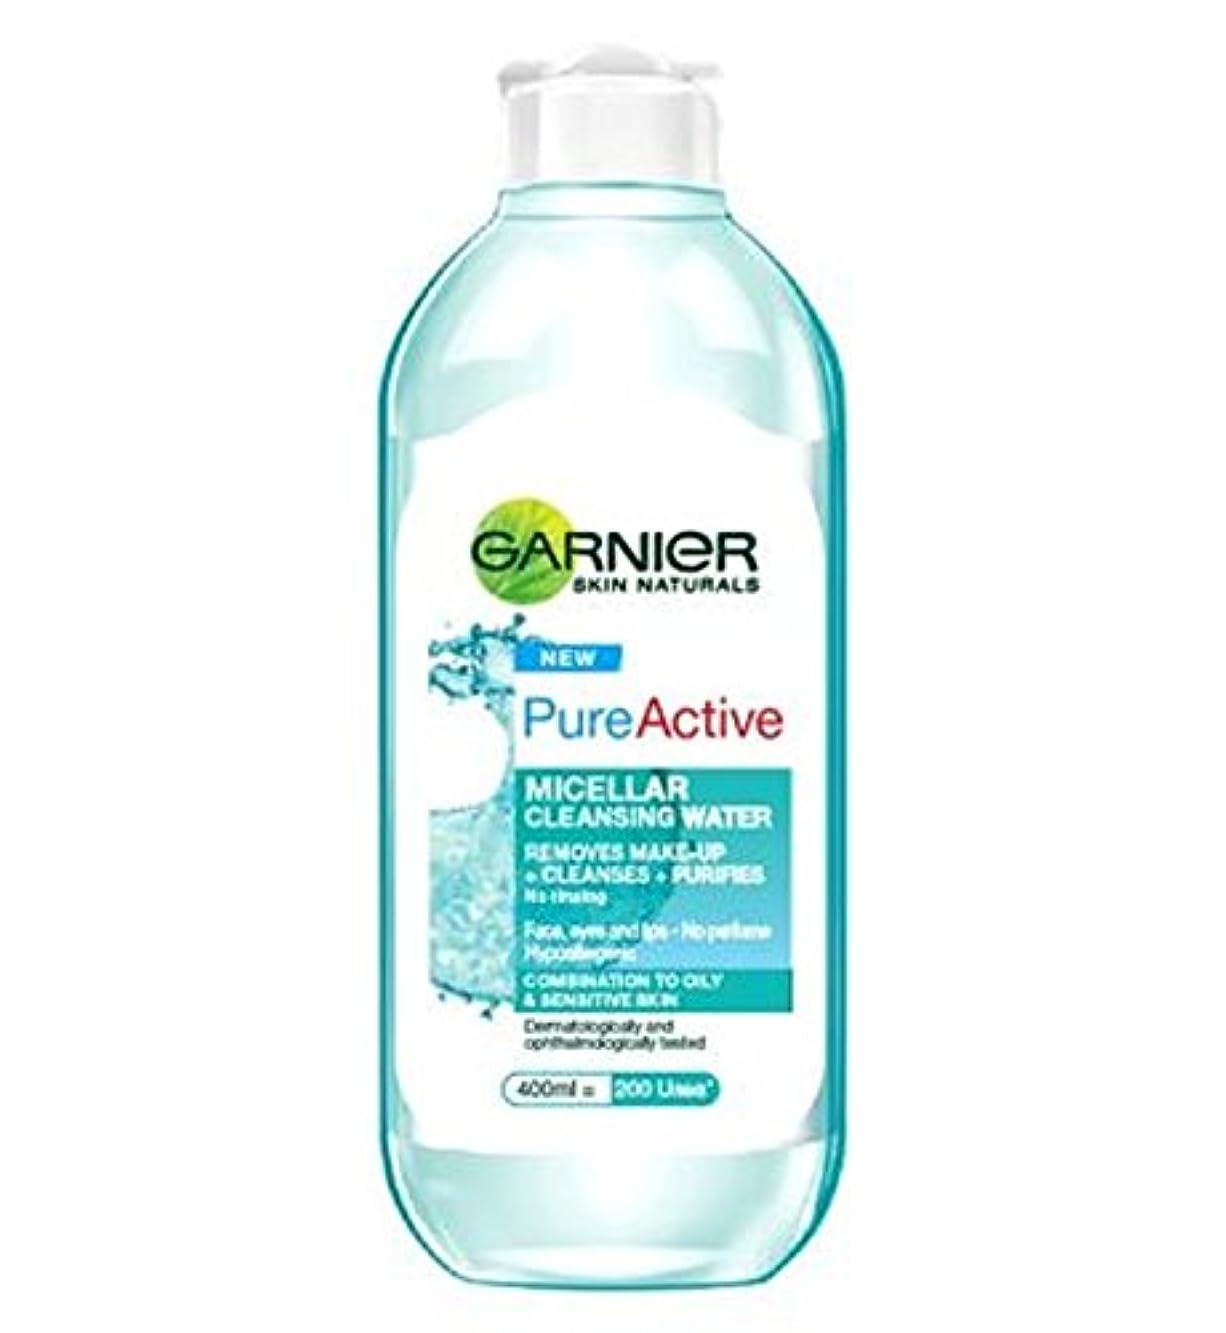 マスタードリクルート巨大ガルニエ純粋なミセル洗浄水400ミリリットル (Garnier) (x2) - Garnier Pure Micellar Cleansing Water 400ml (Pack of 2) [並行輸入品]